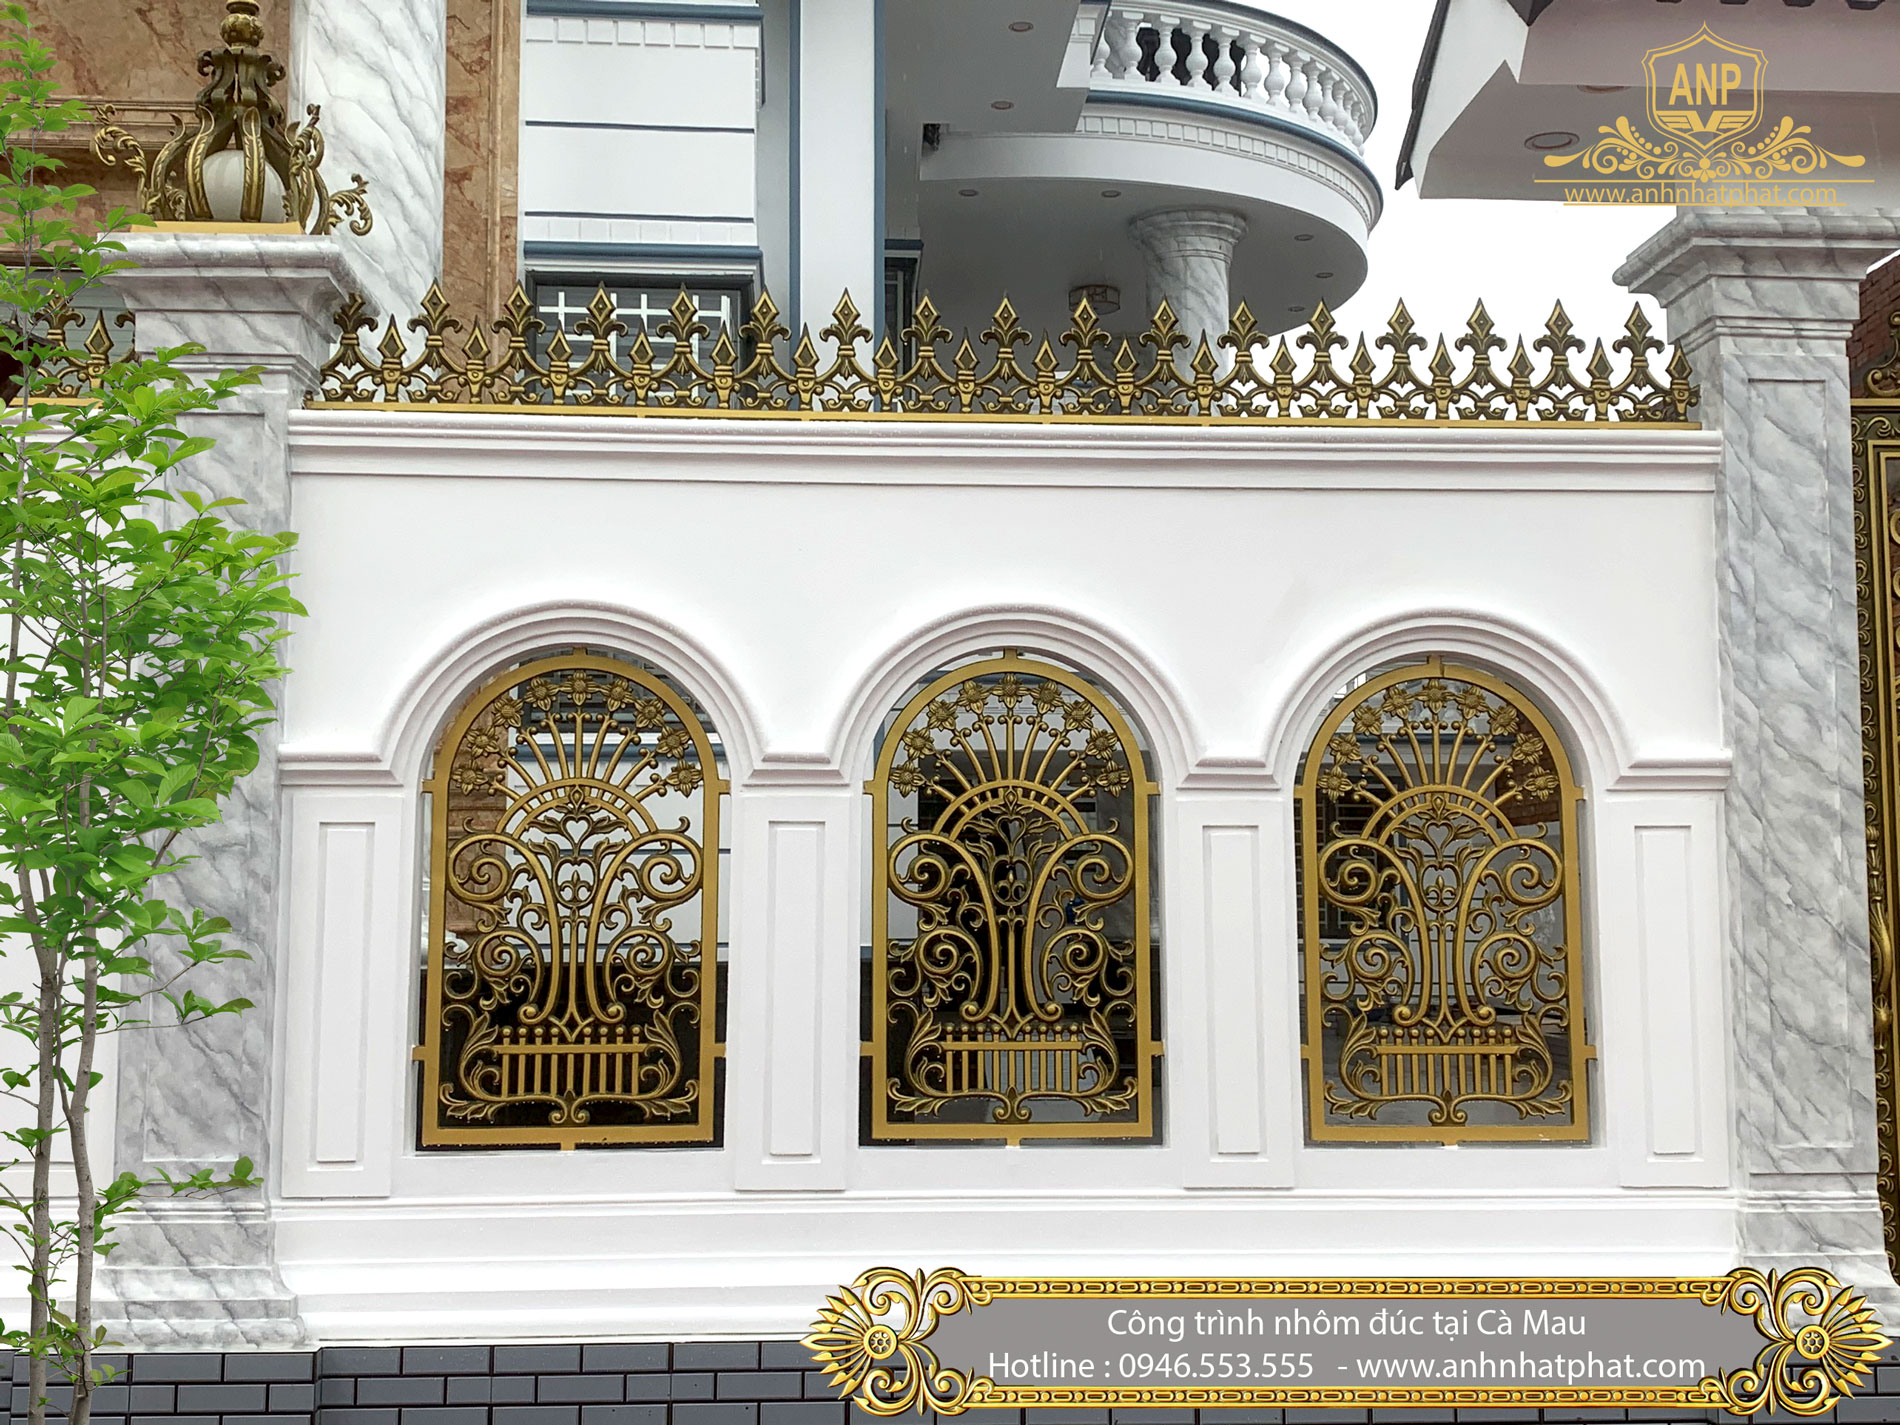 công trình cổng cửa nhôm đúc